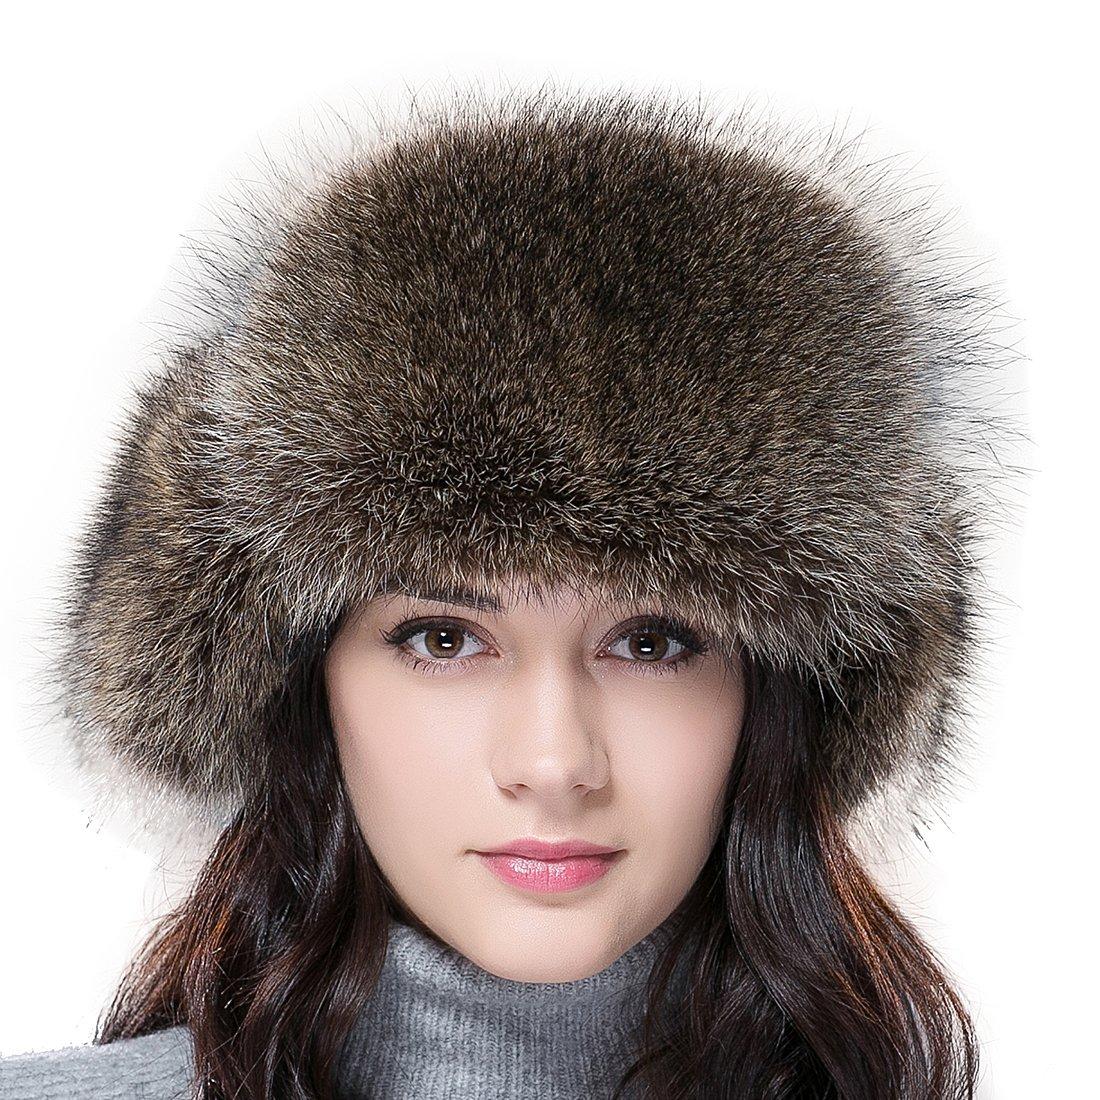 URSFUR Women's Fox & Raccoon Fur Russian Ushanka Trapper Hat Caps with Ear Flap .Ltd. URSFUR-YQ-FL1521TL